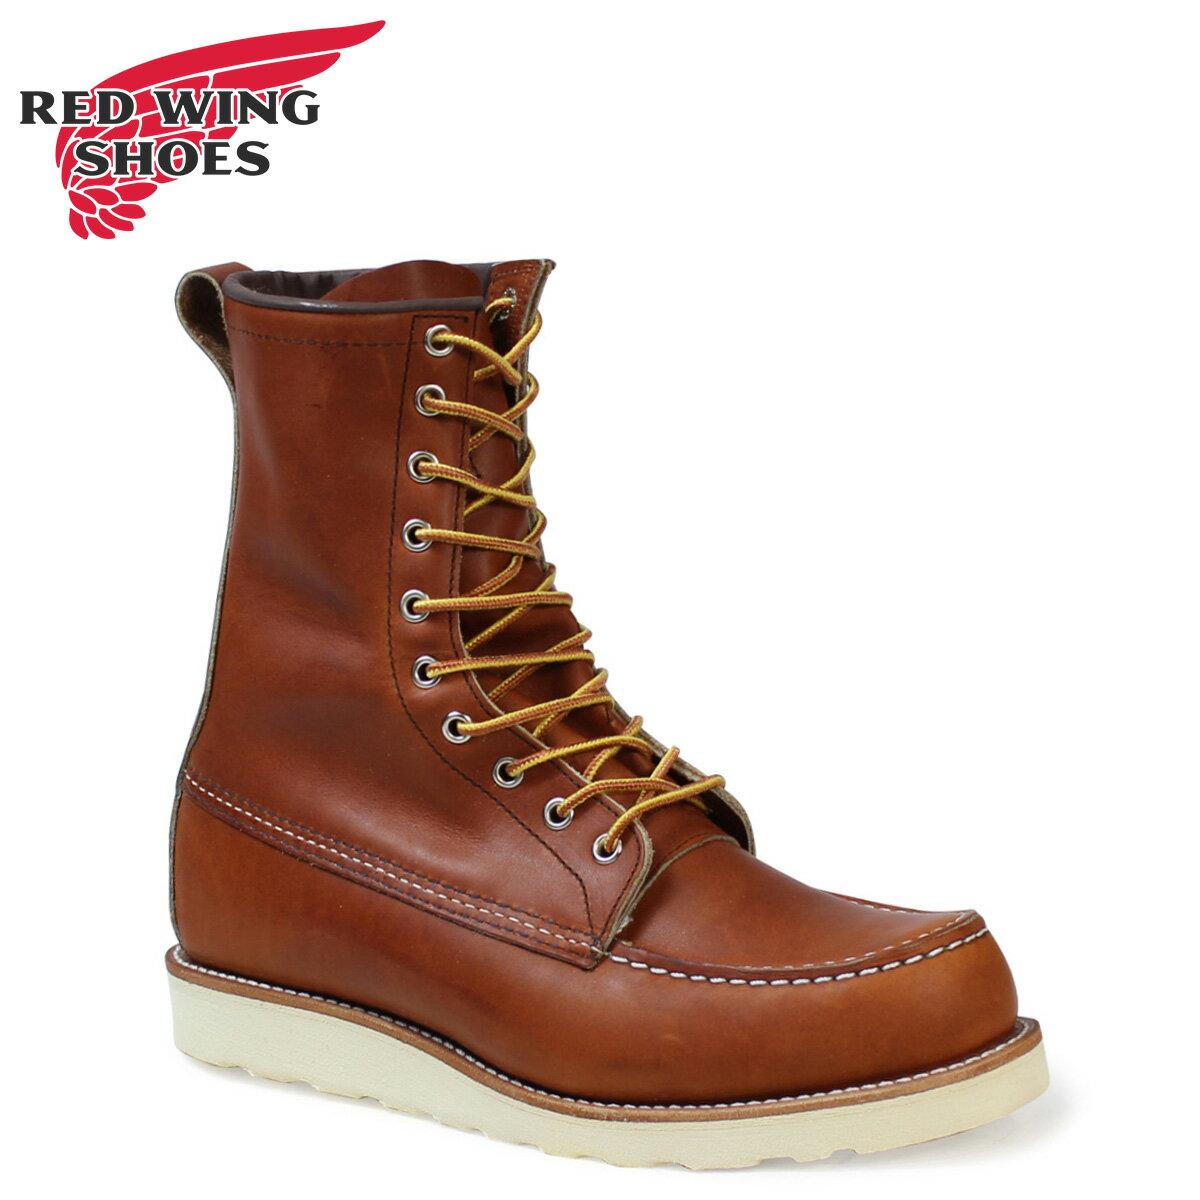 RED WING レッドウィング ブーツ アイリッシュセッター 8INCH CLASSIC MOC クラシック モック Dワイズ 877 メンズ レディース